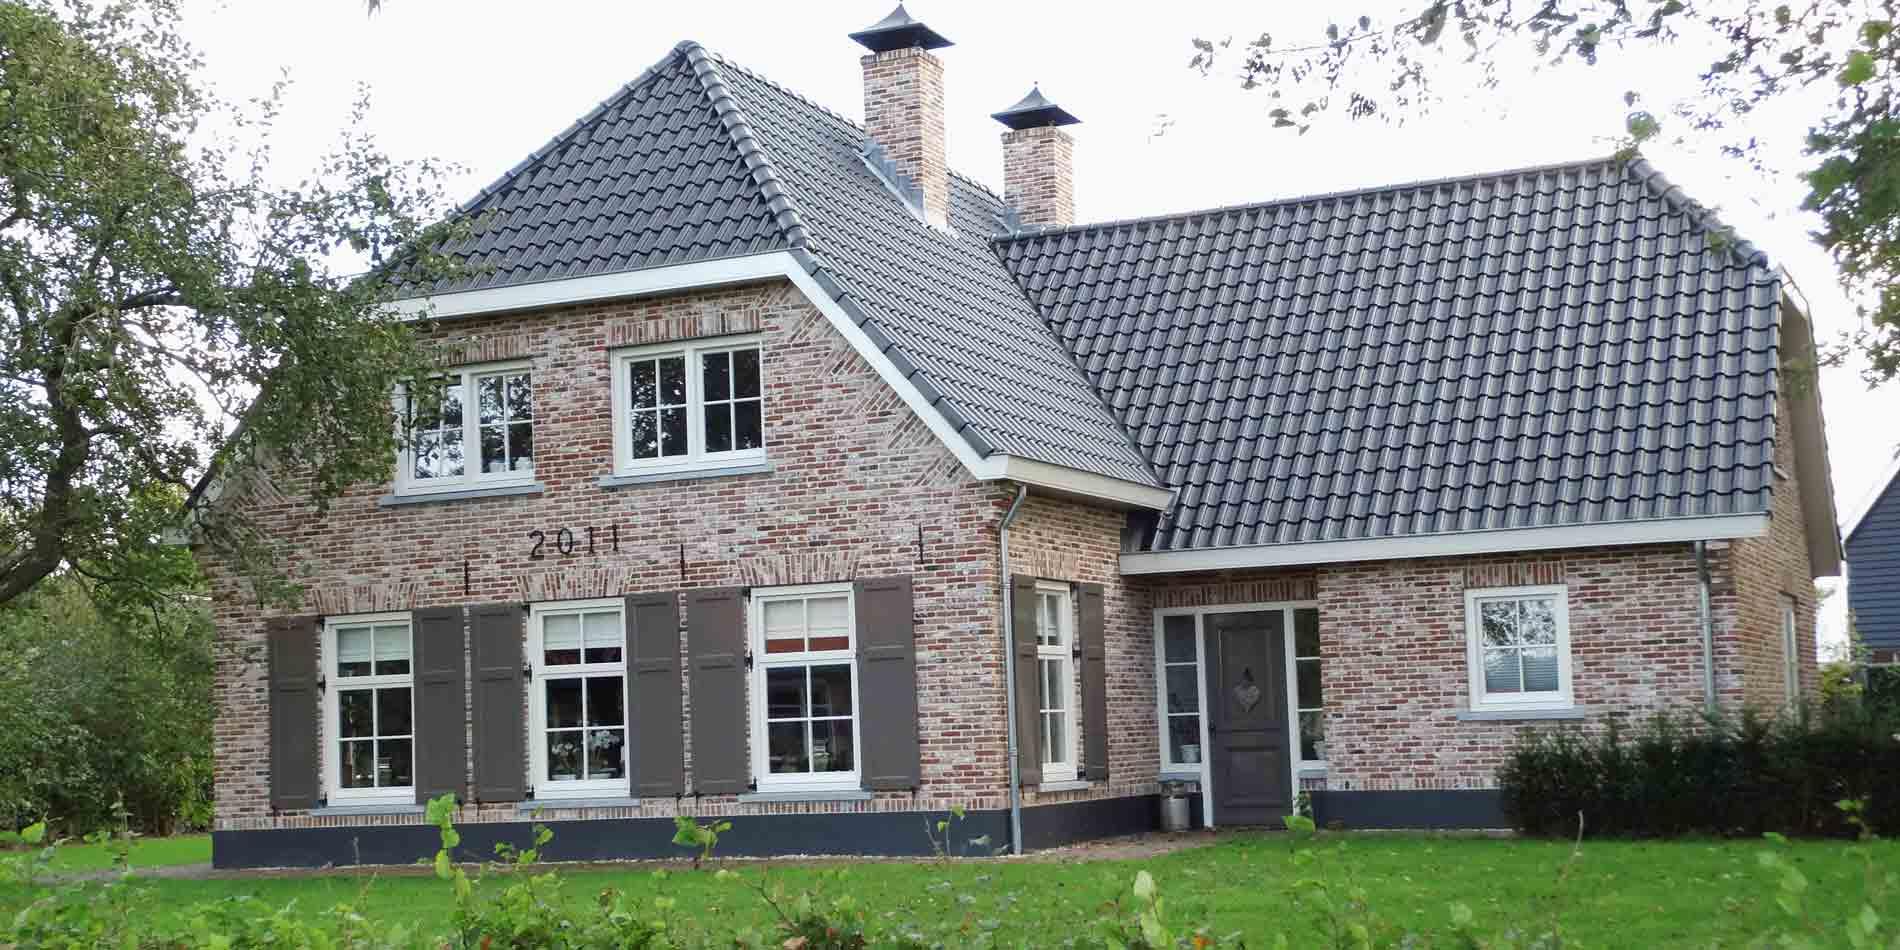 Bouw vrijstaande woning met wolfskap in ermelo - Aannemersbedrijf Wielink